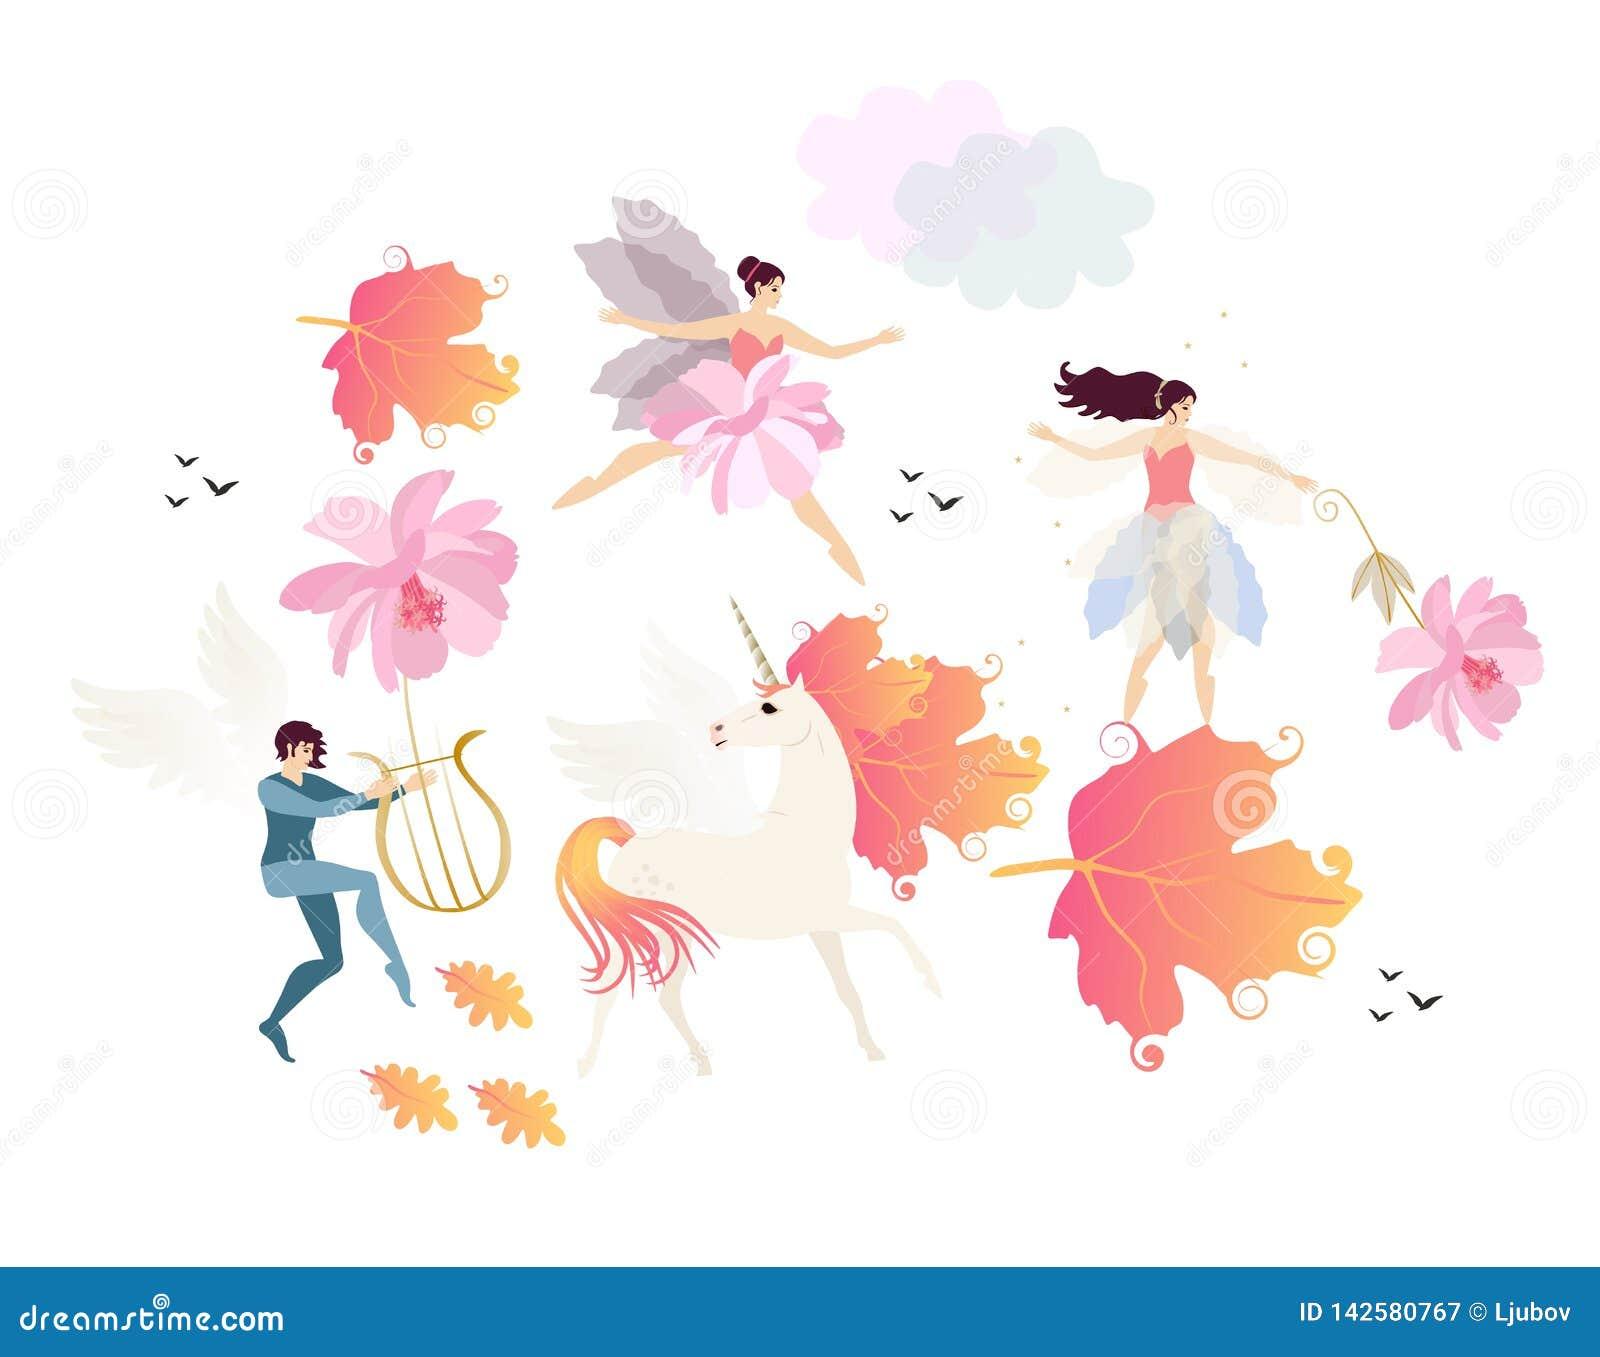 飞过的矮子播放里拉琴、独角兽与鬃毛在秋叶形状,神仙、芭蕾舞女演员、云彩、鸟和桃红色花